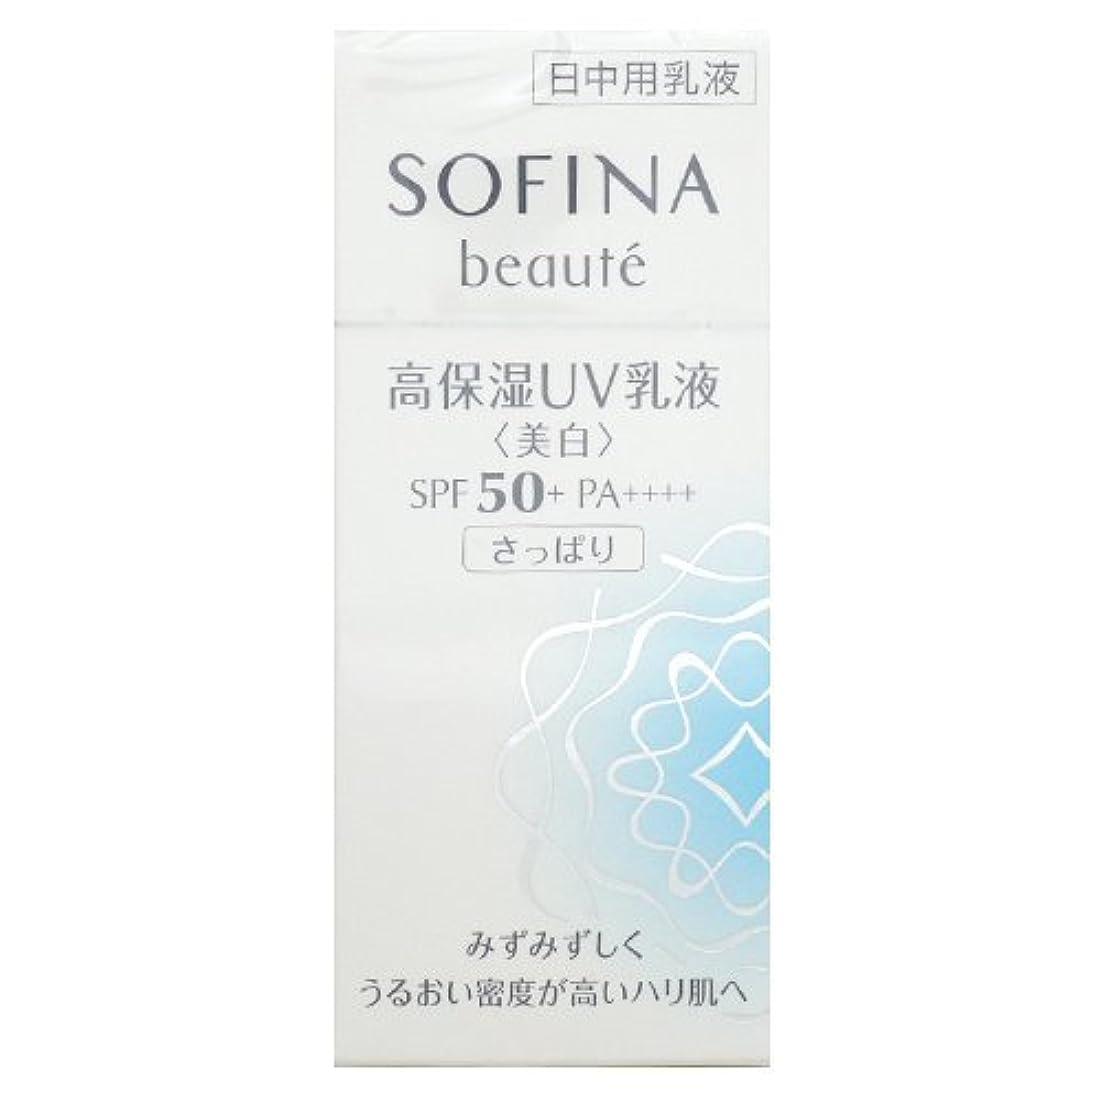 満たす花輪教授花王 ソフィーナ ボーテ SOFINA beaute 高保湿UV乳液 美白 SPF50+ PA++++ さっぱり 30mL [並行輸入品]